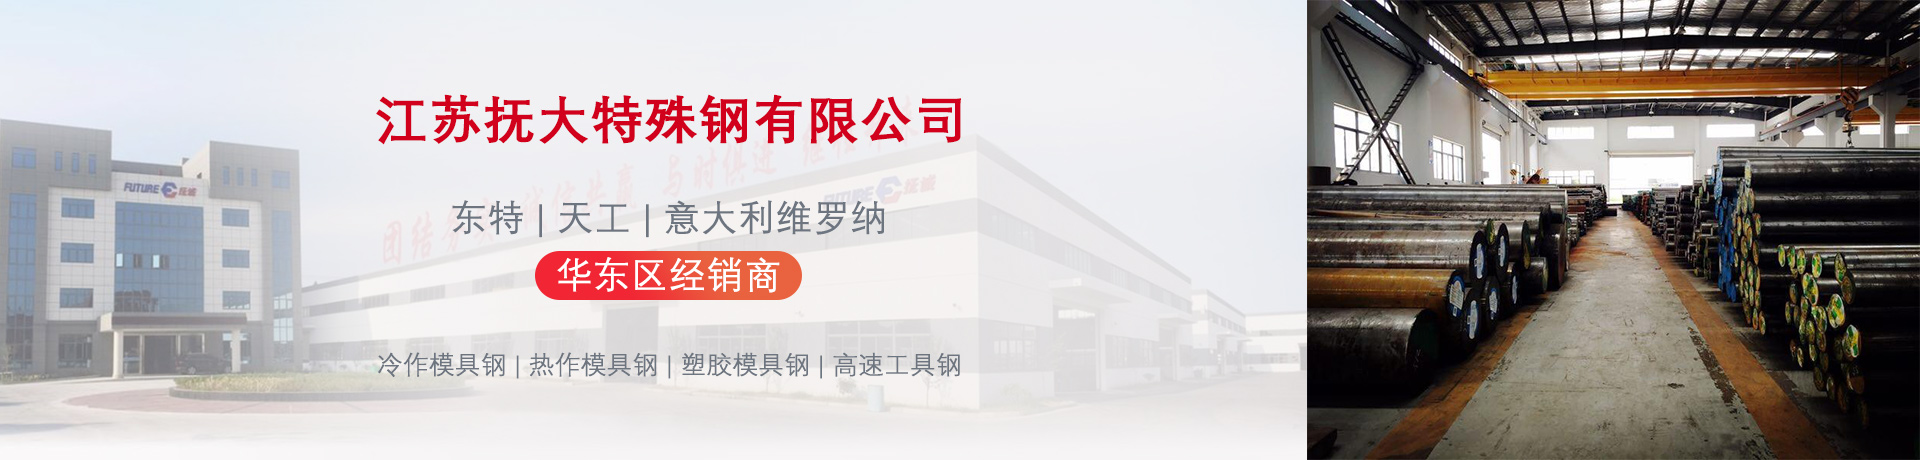 江蘇撫大特殊鋼有限公司